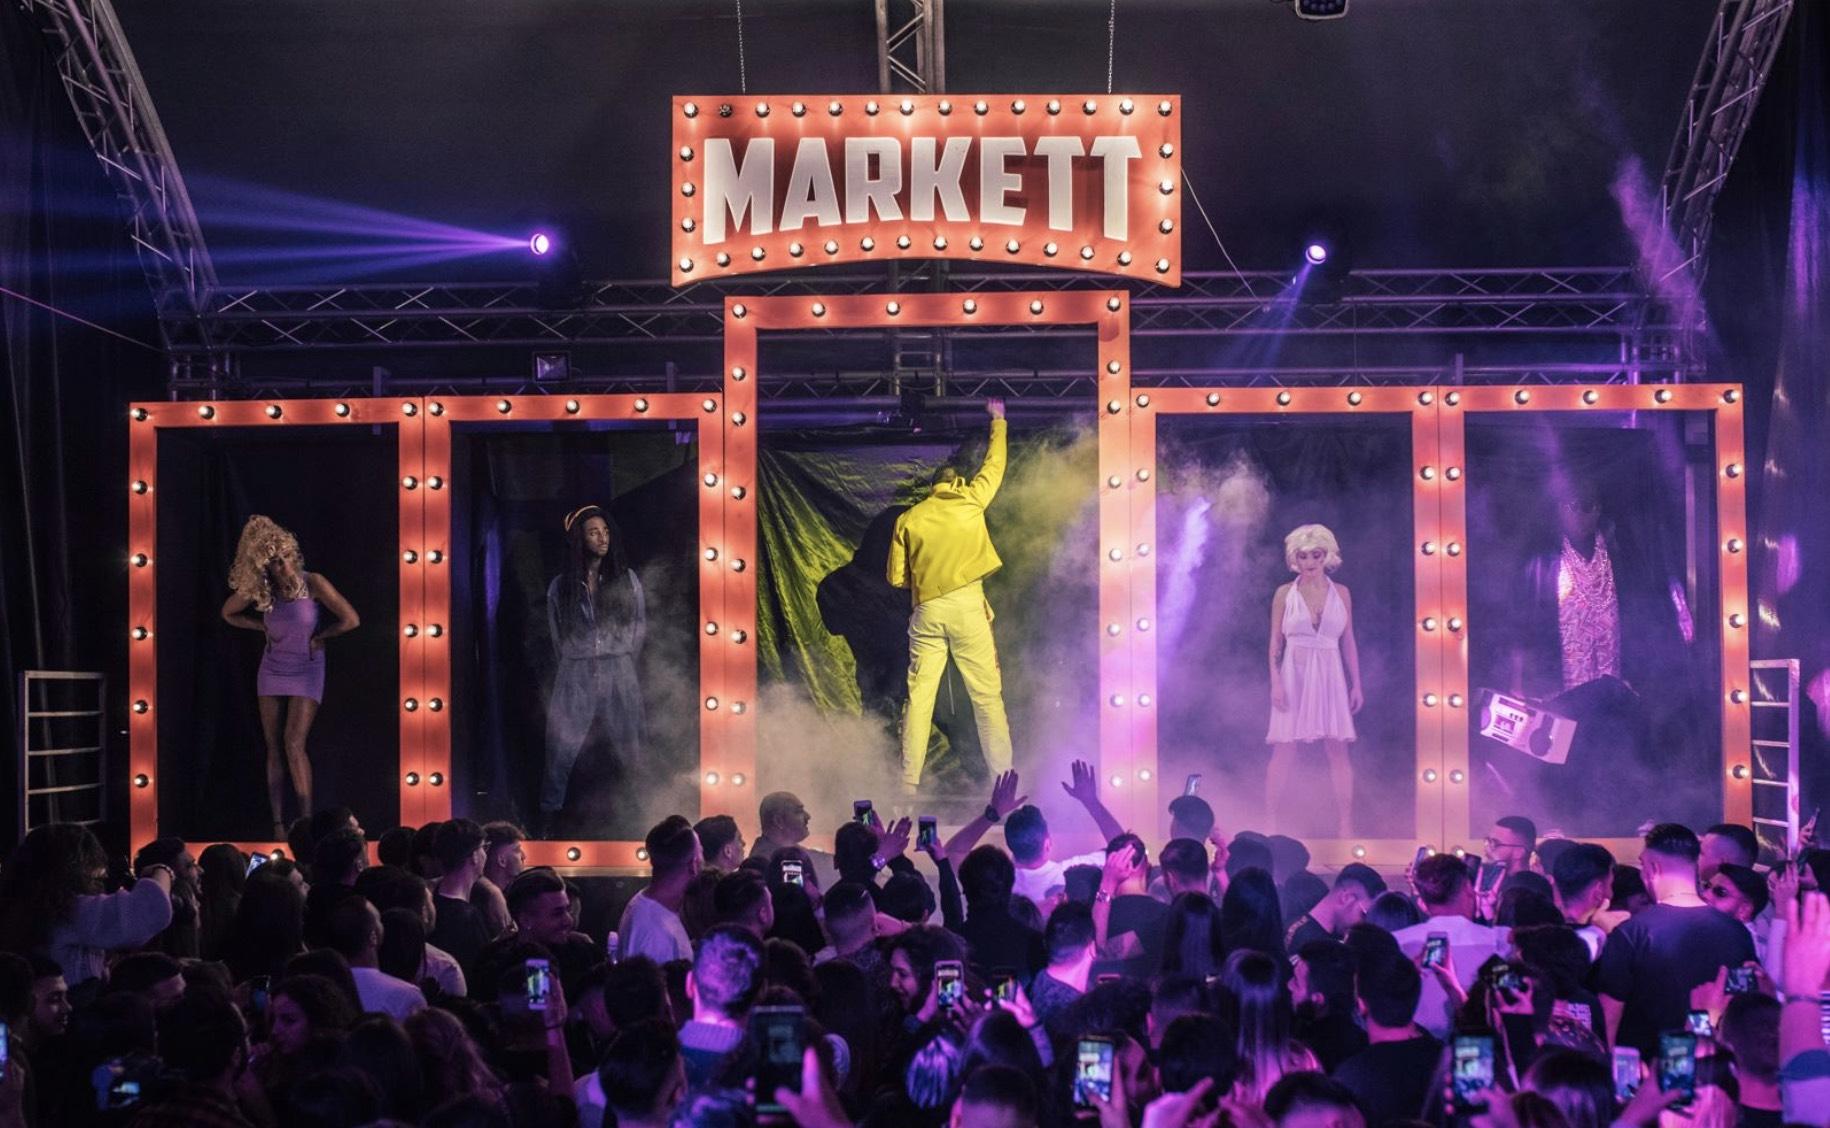 Partylines riporta a Napoli Markett: format rivelazione del by nigth, che torna rinnovato per un live all'Hub